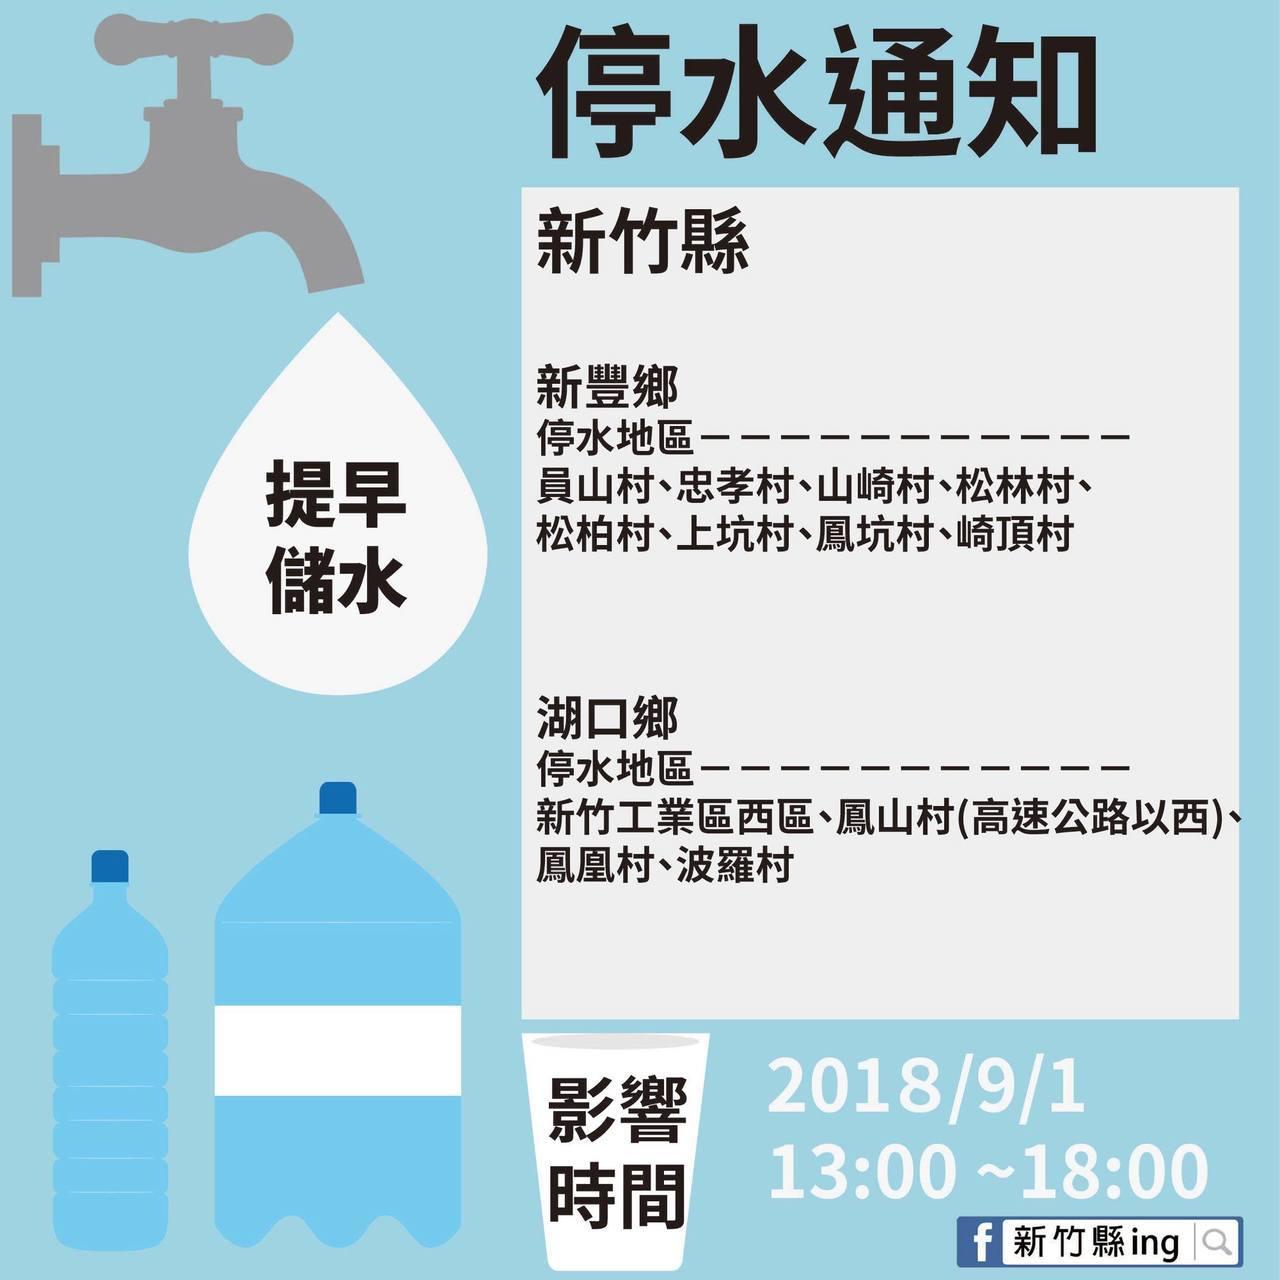 新竹縣政府今天在臉書上公告停水消息。圖/截至臉書「彰化縣ing」